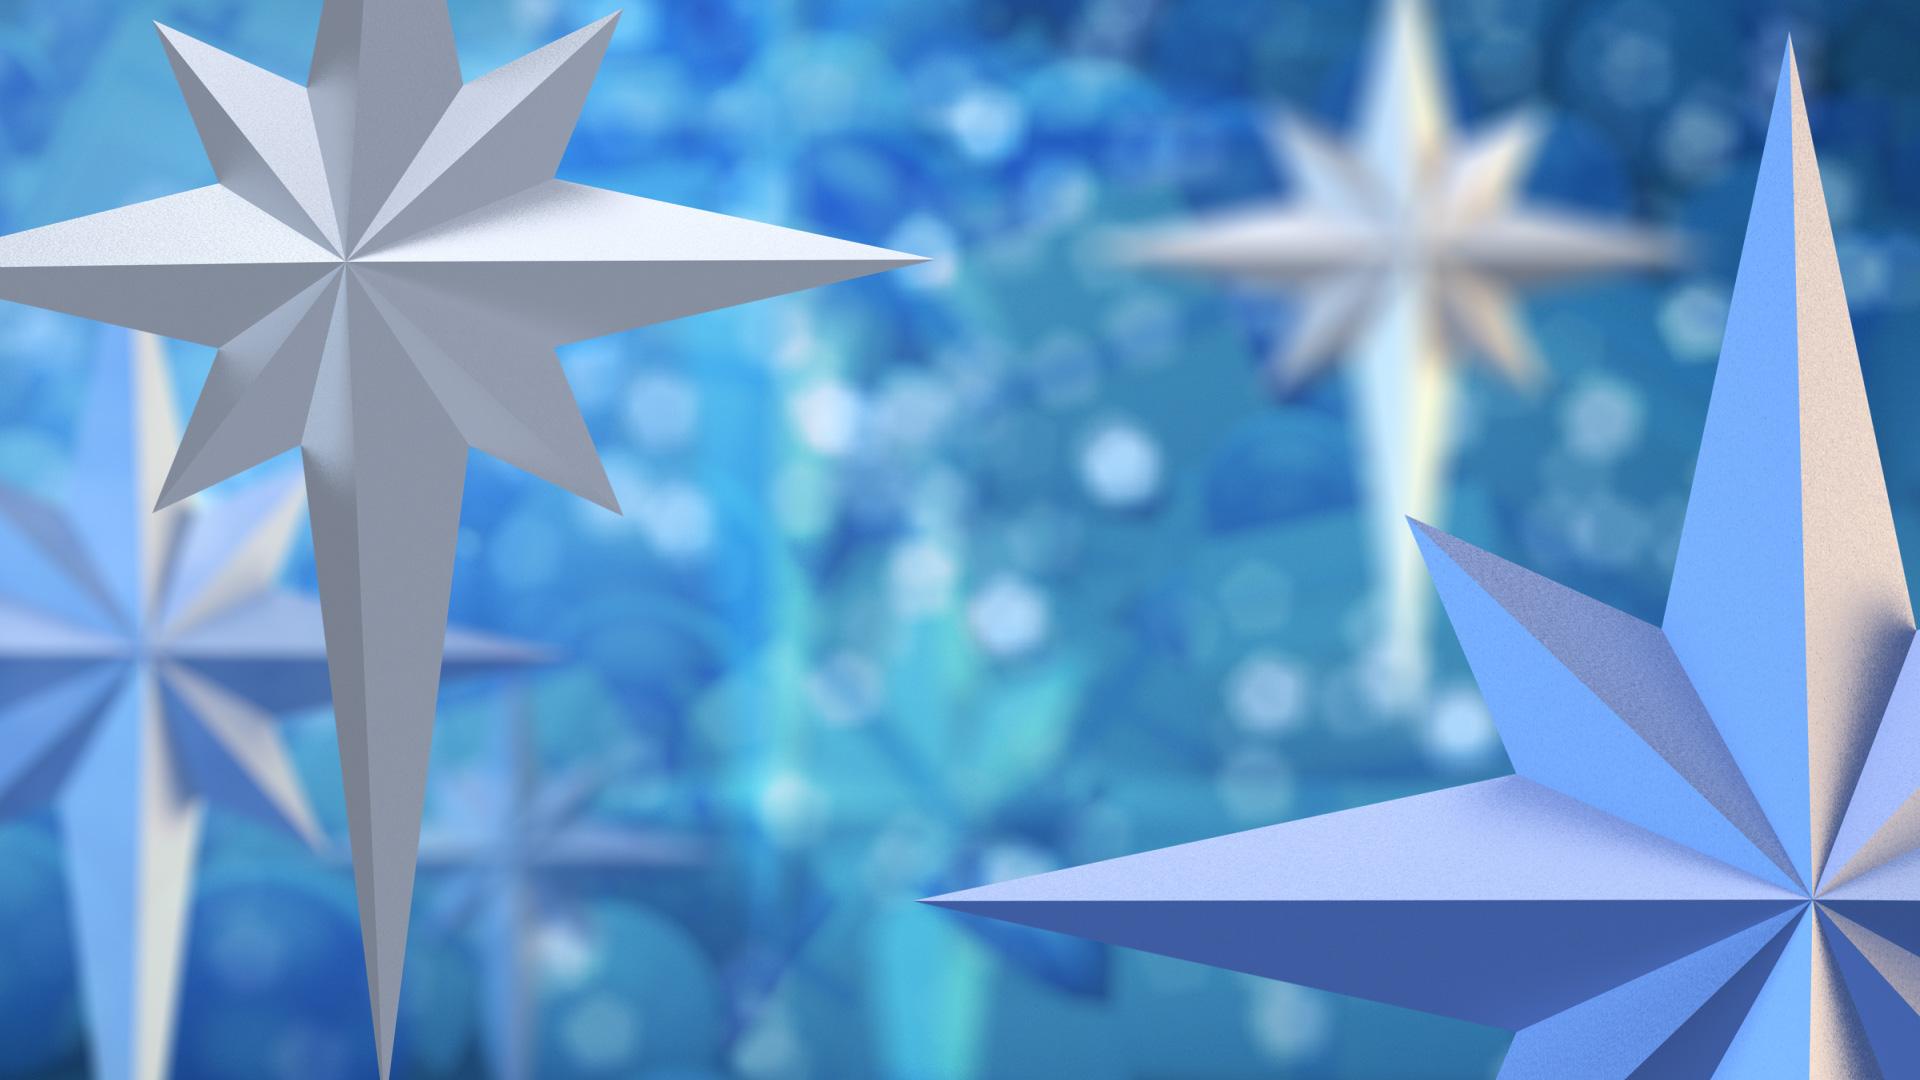 ChristmasLoop-04-16x9.jpg